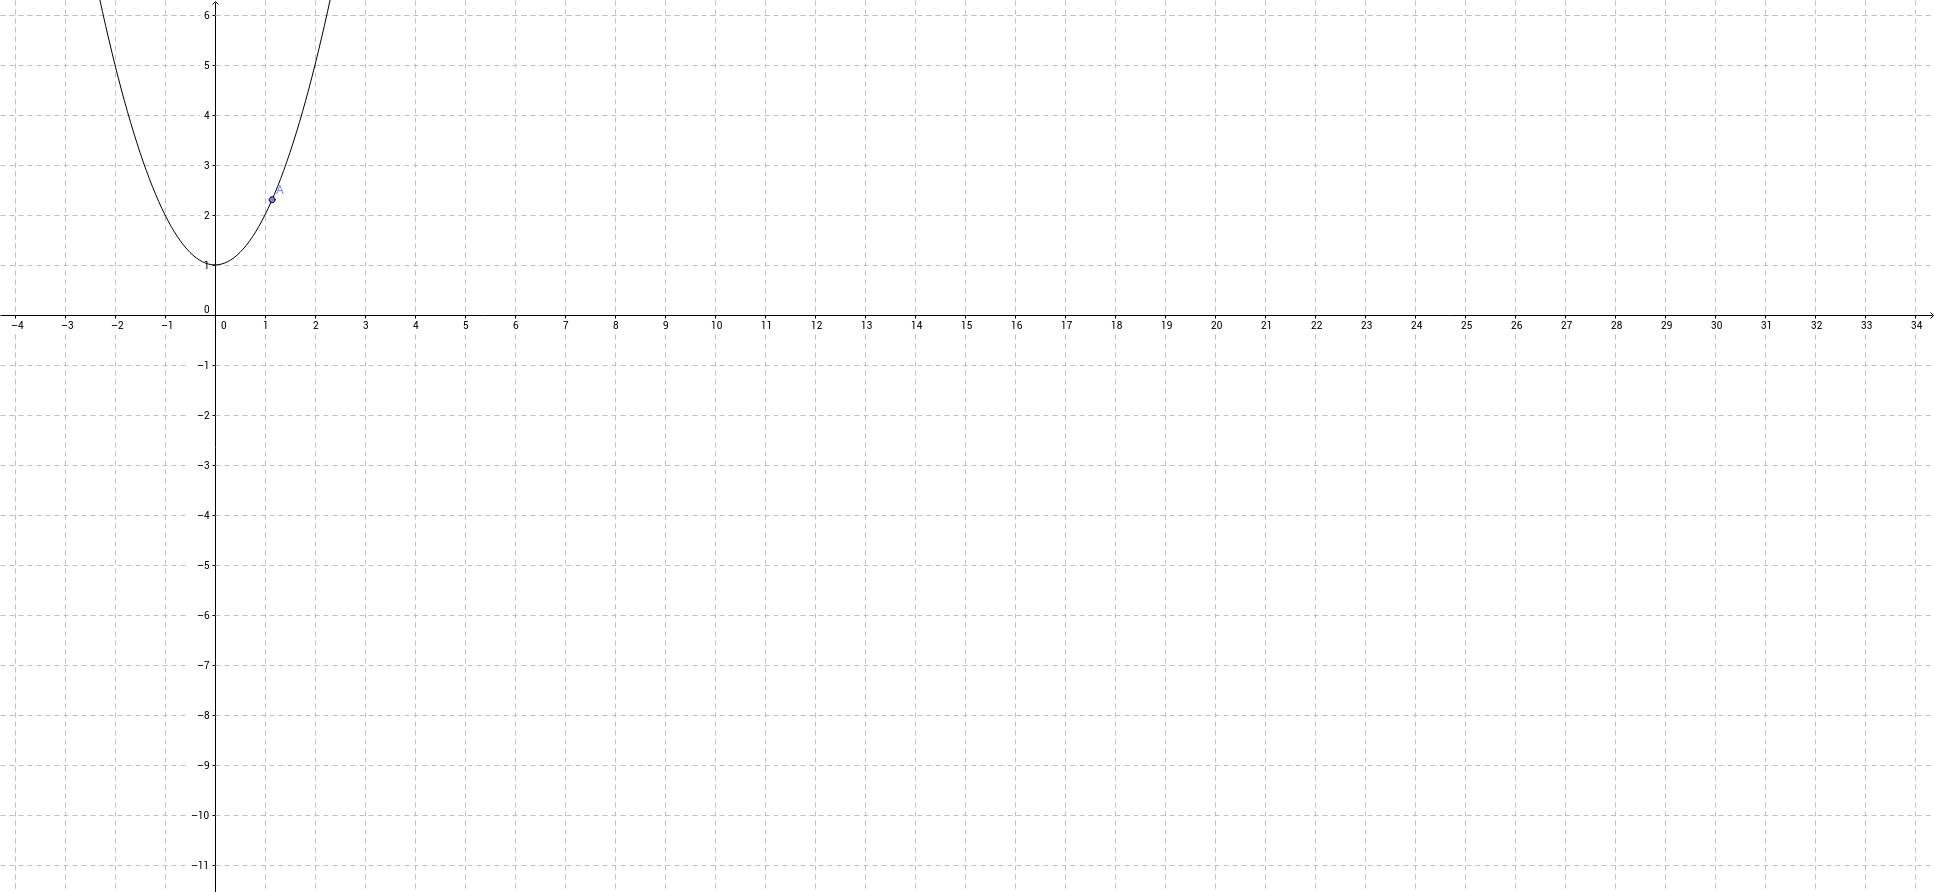 תעודת זהות של פונקציות